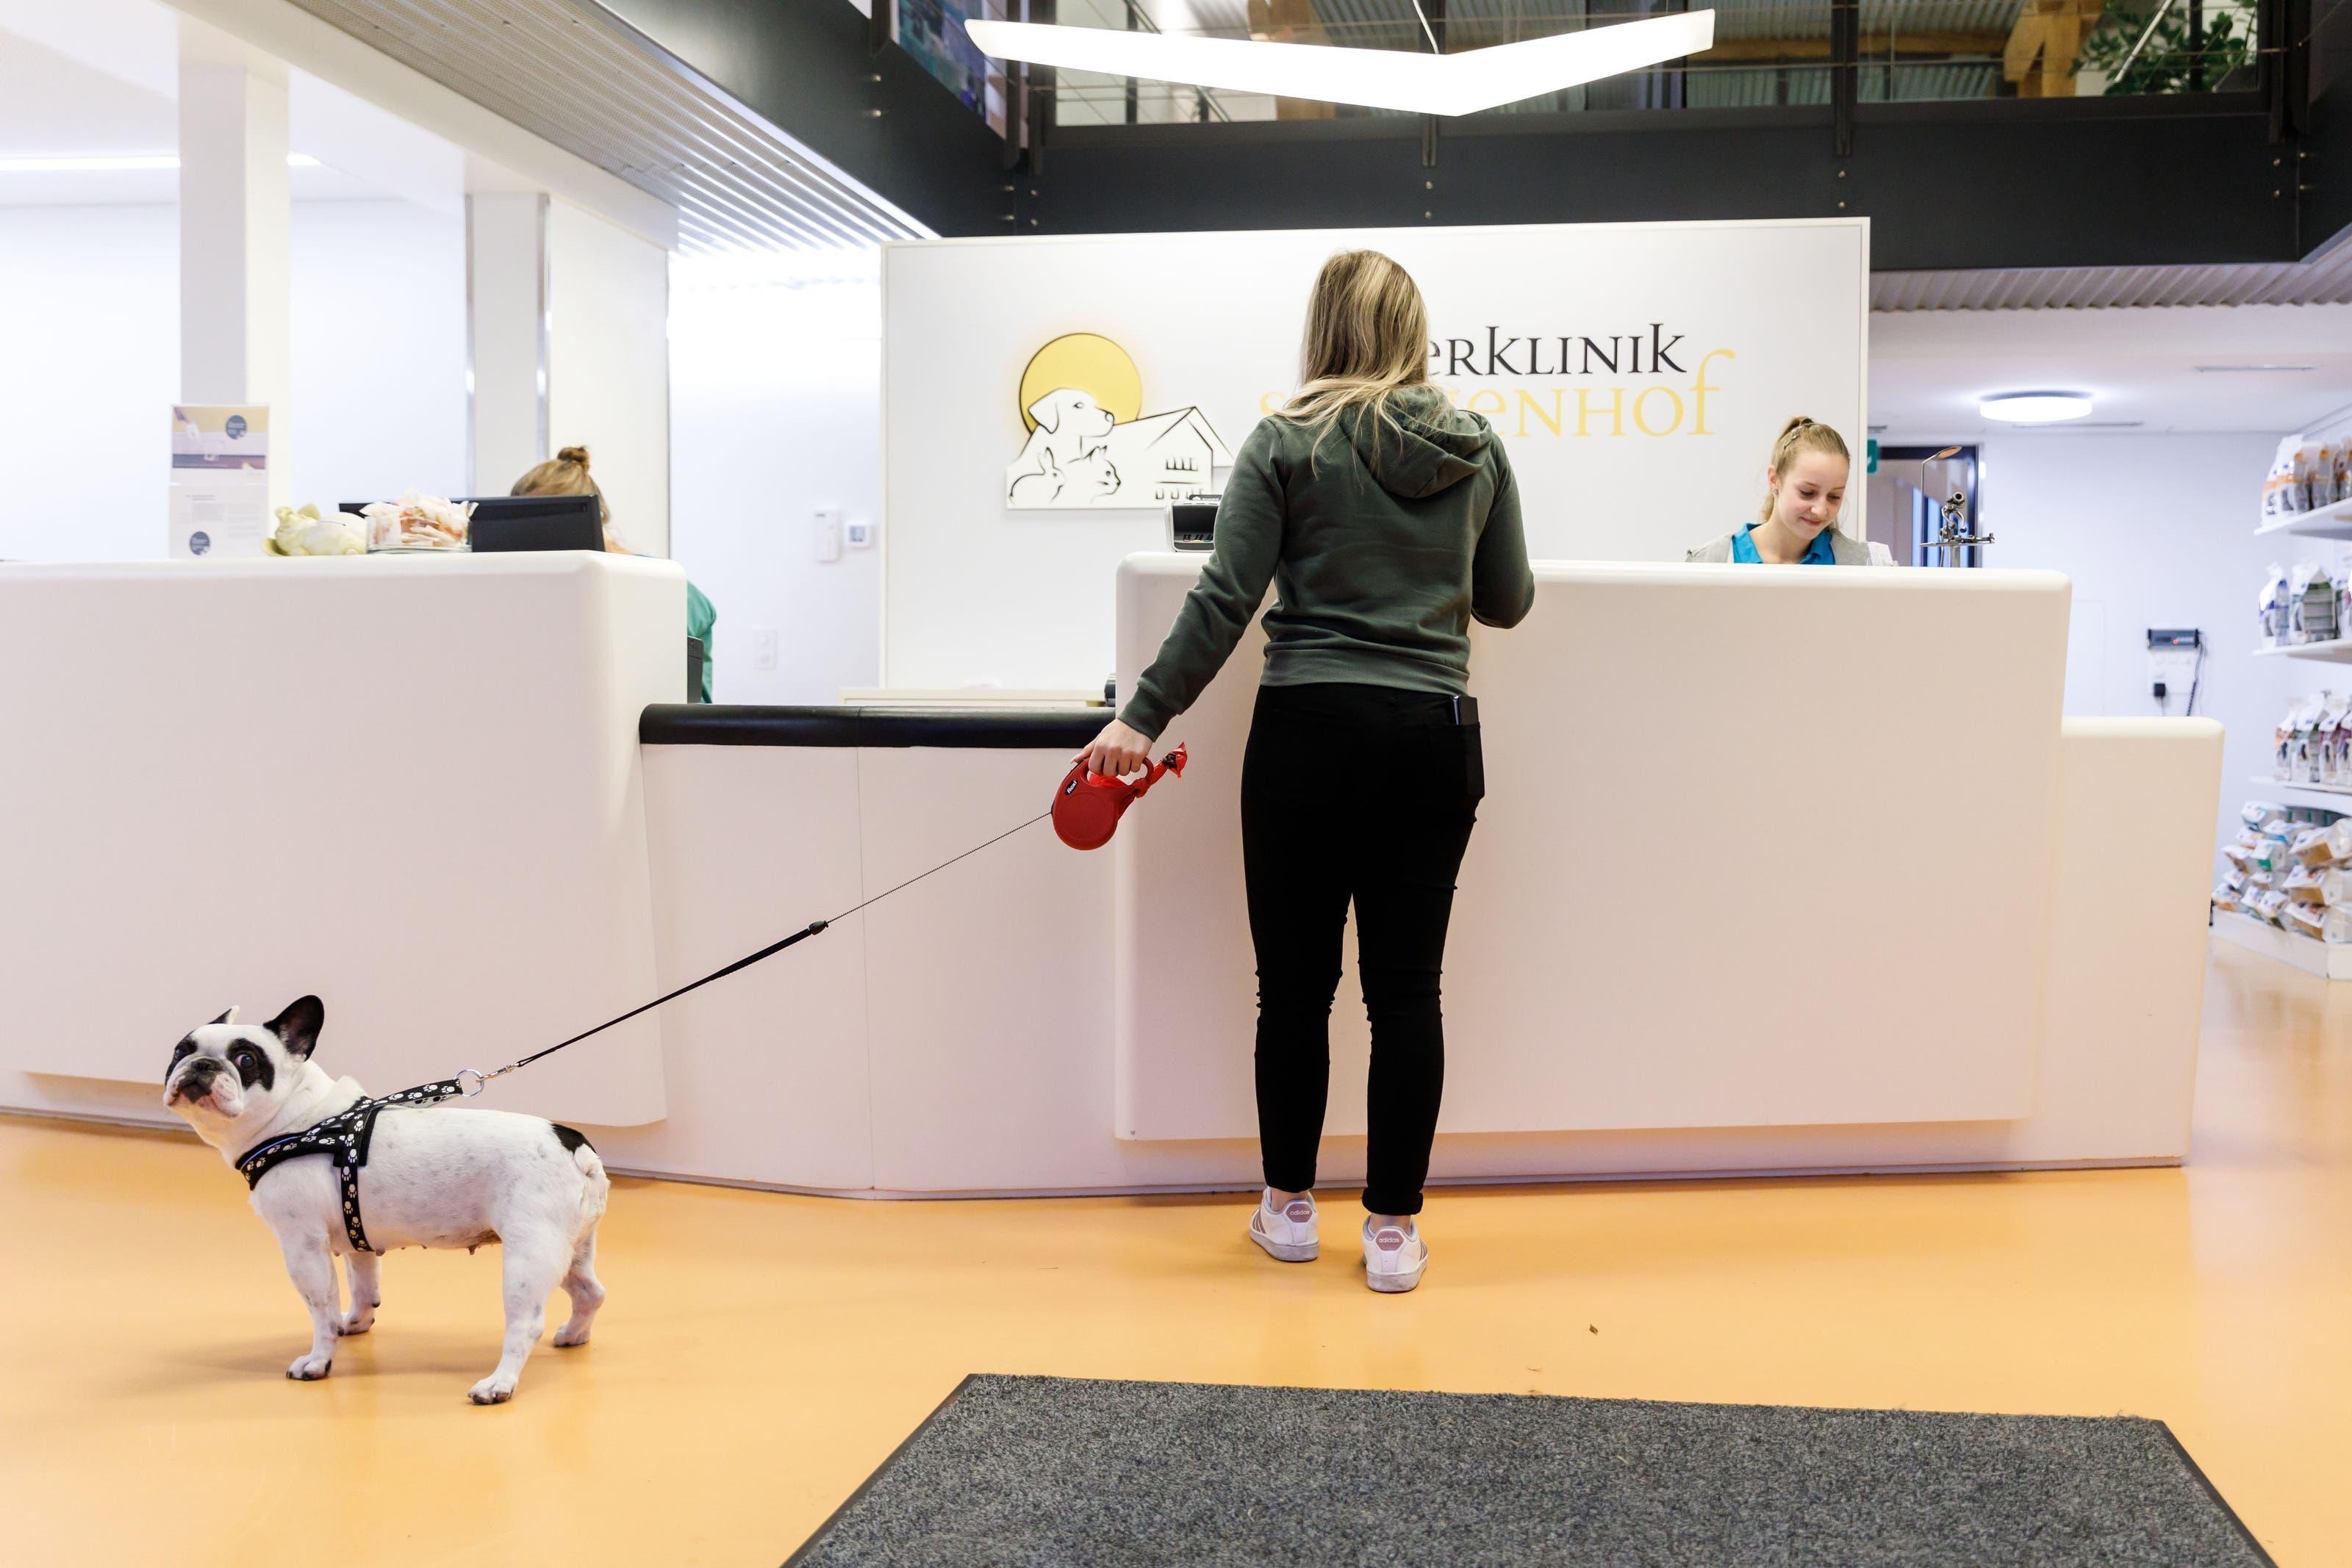 Zu Besuch in der Tierklinik Sonnenhof in Derendingen Anmelden beim Empfangs-Desk